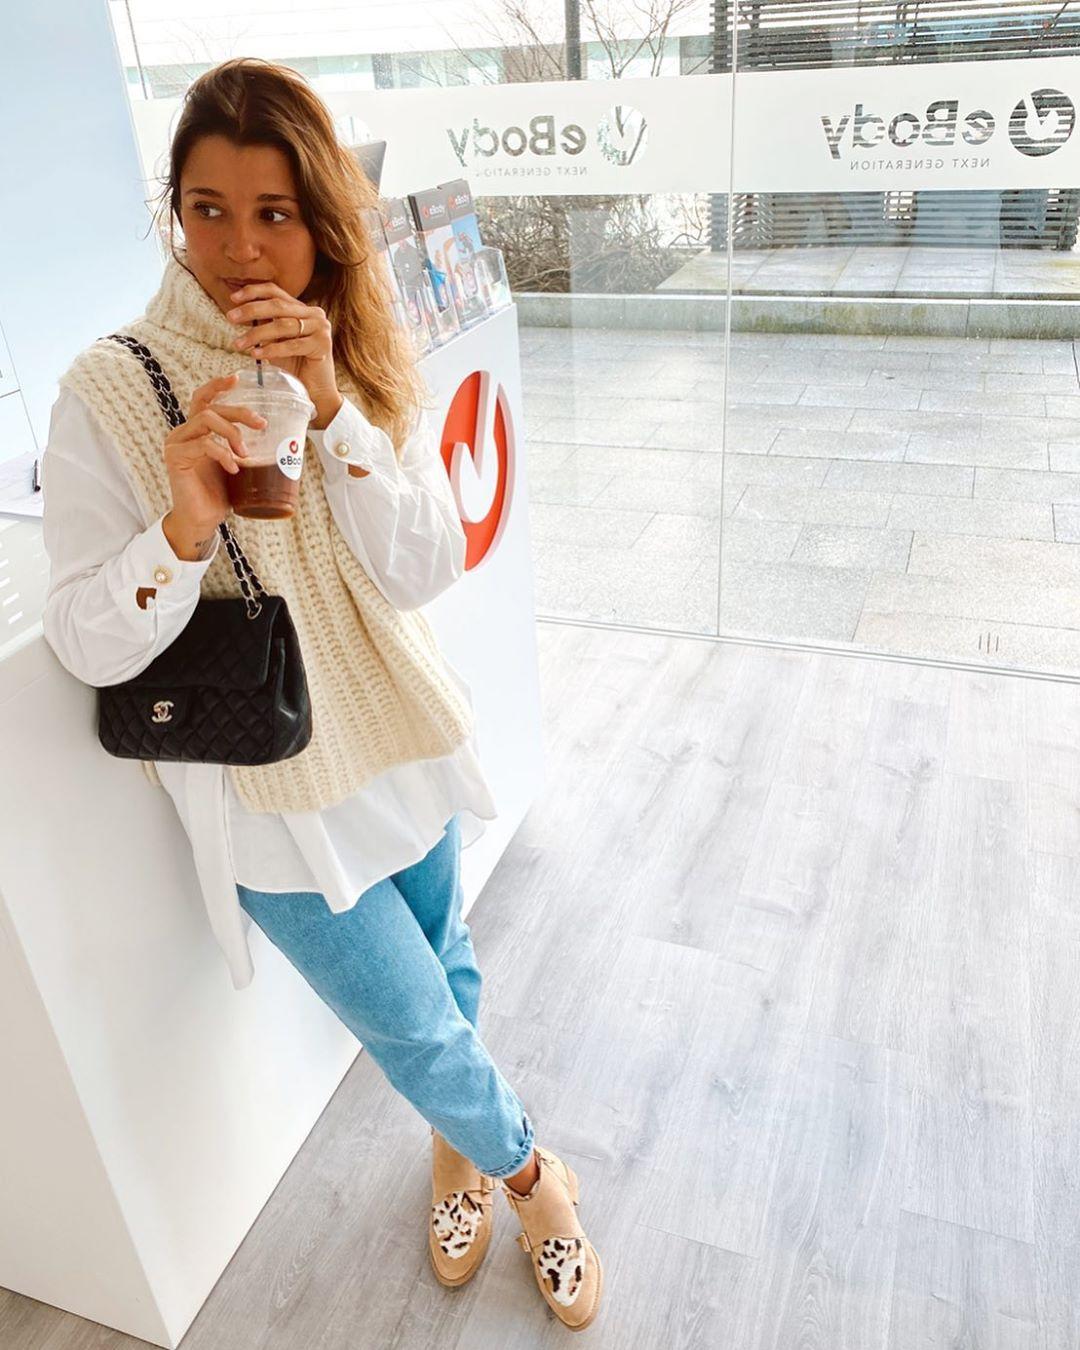 openings vest de Zara sur marianaairess